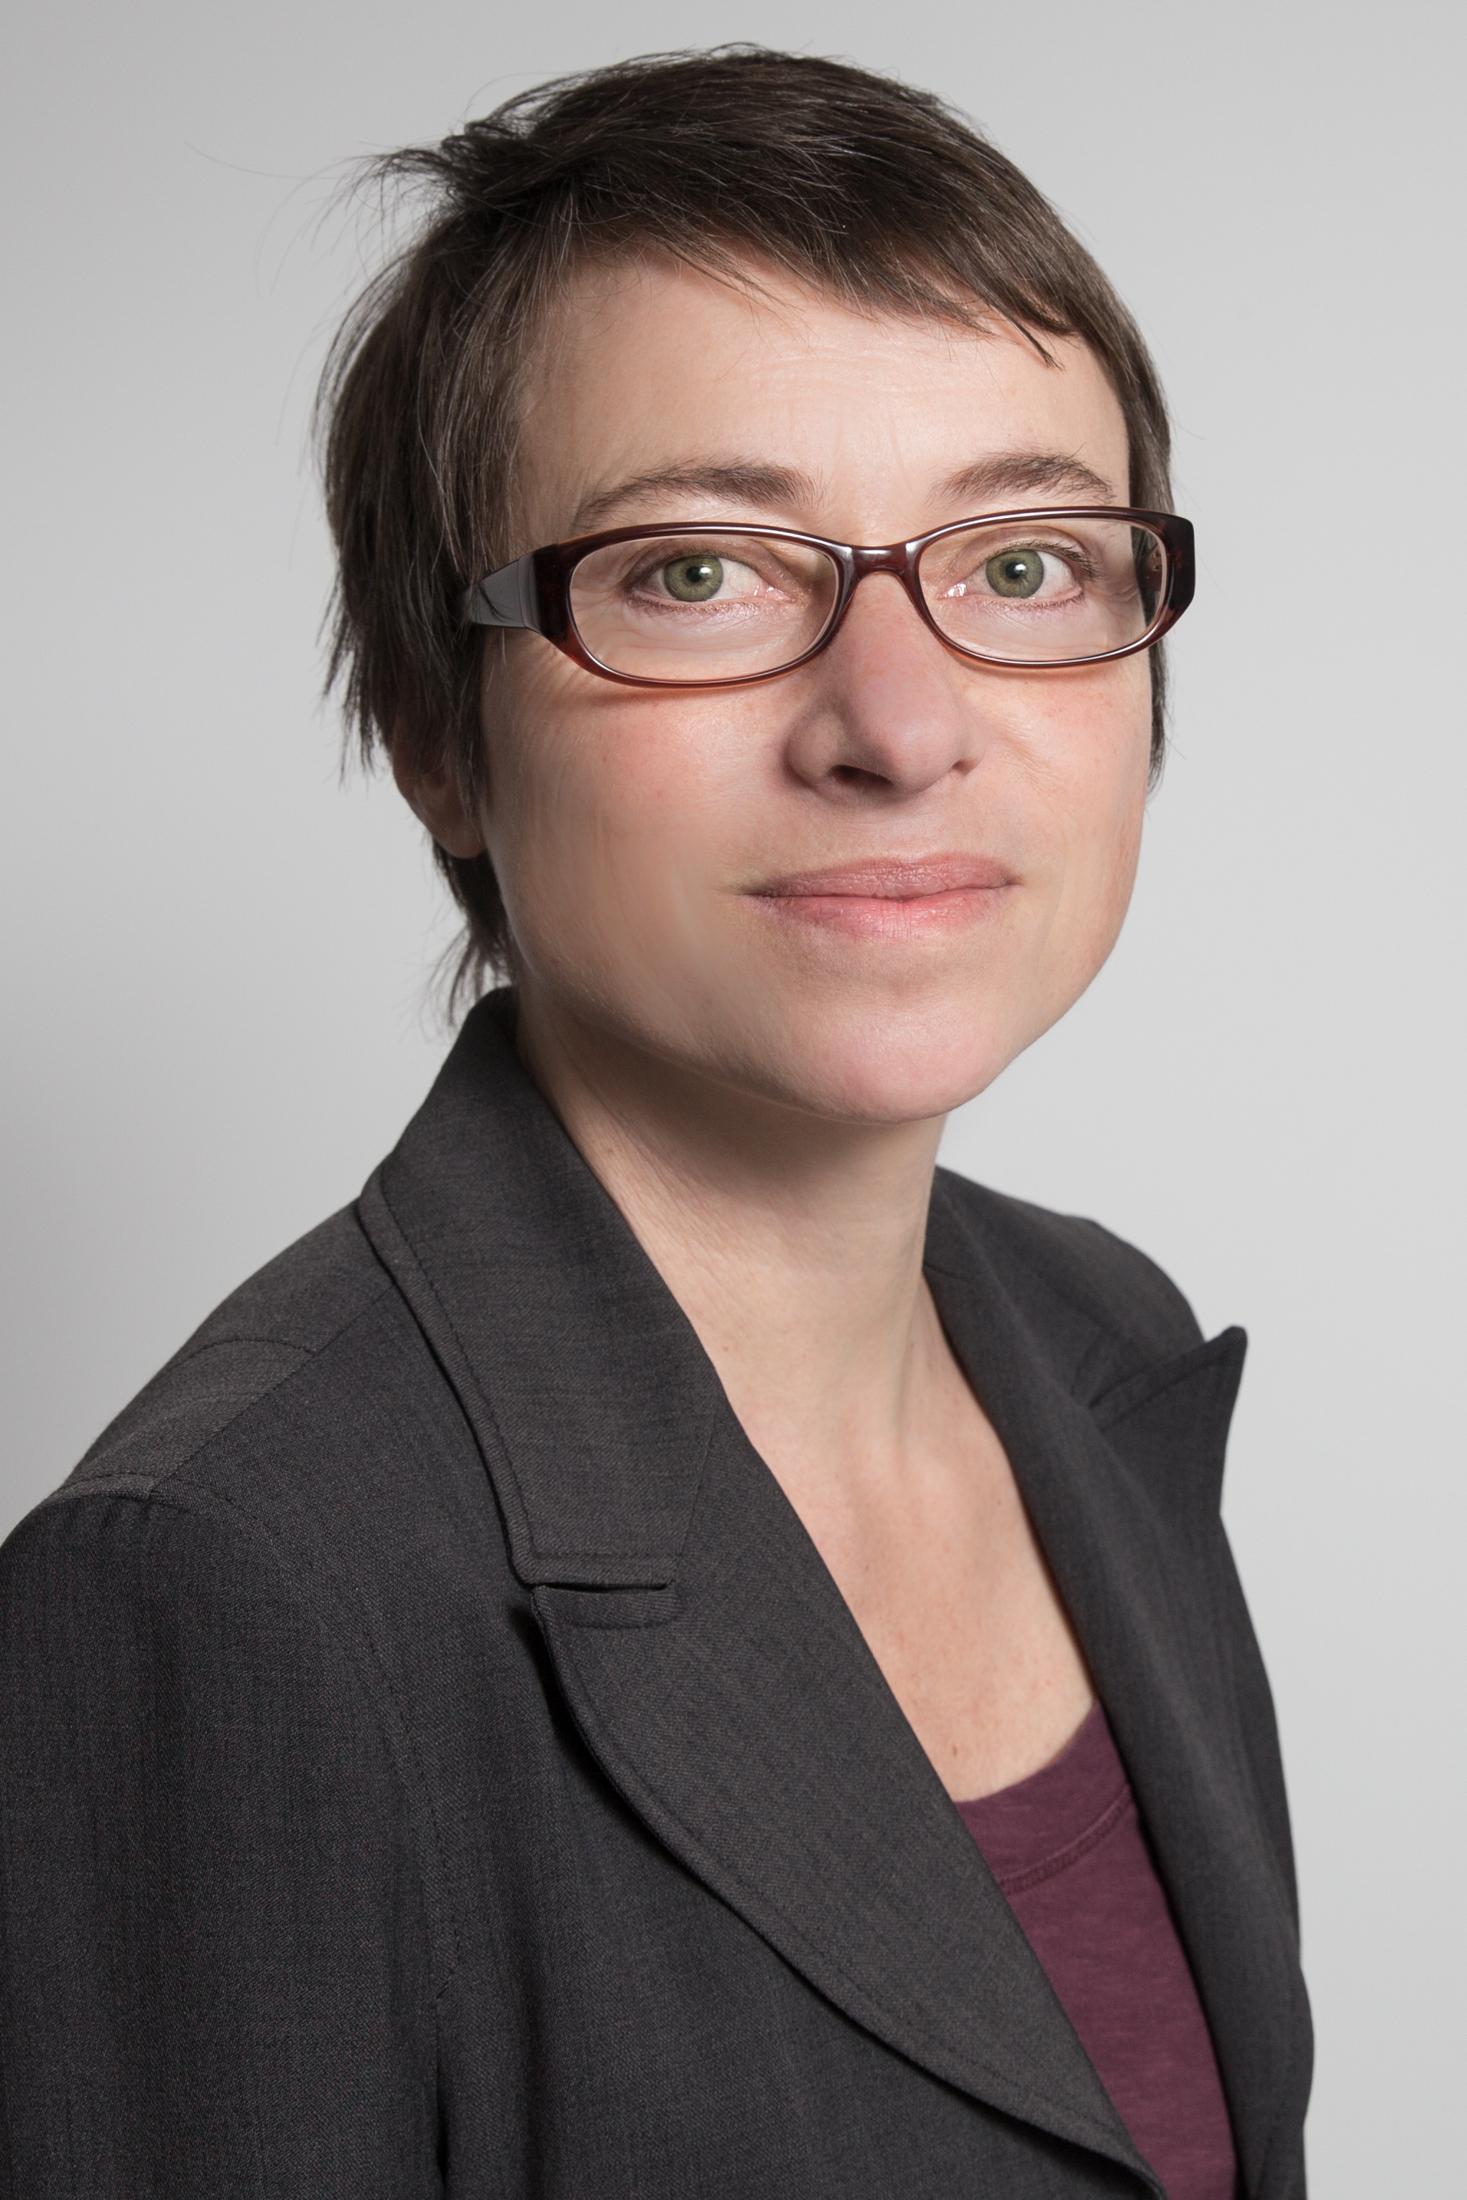 Dr. Ellen Krause